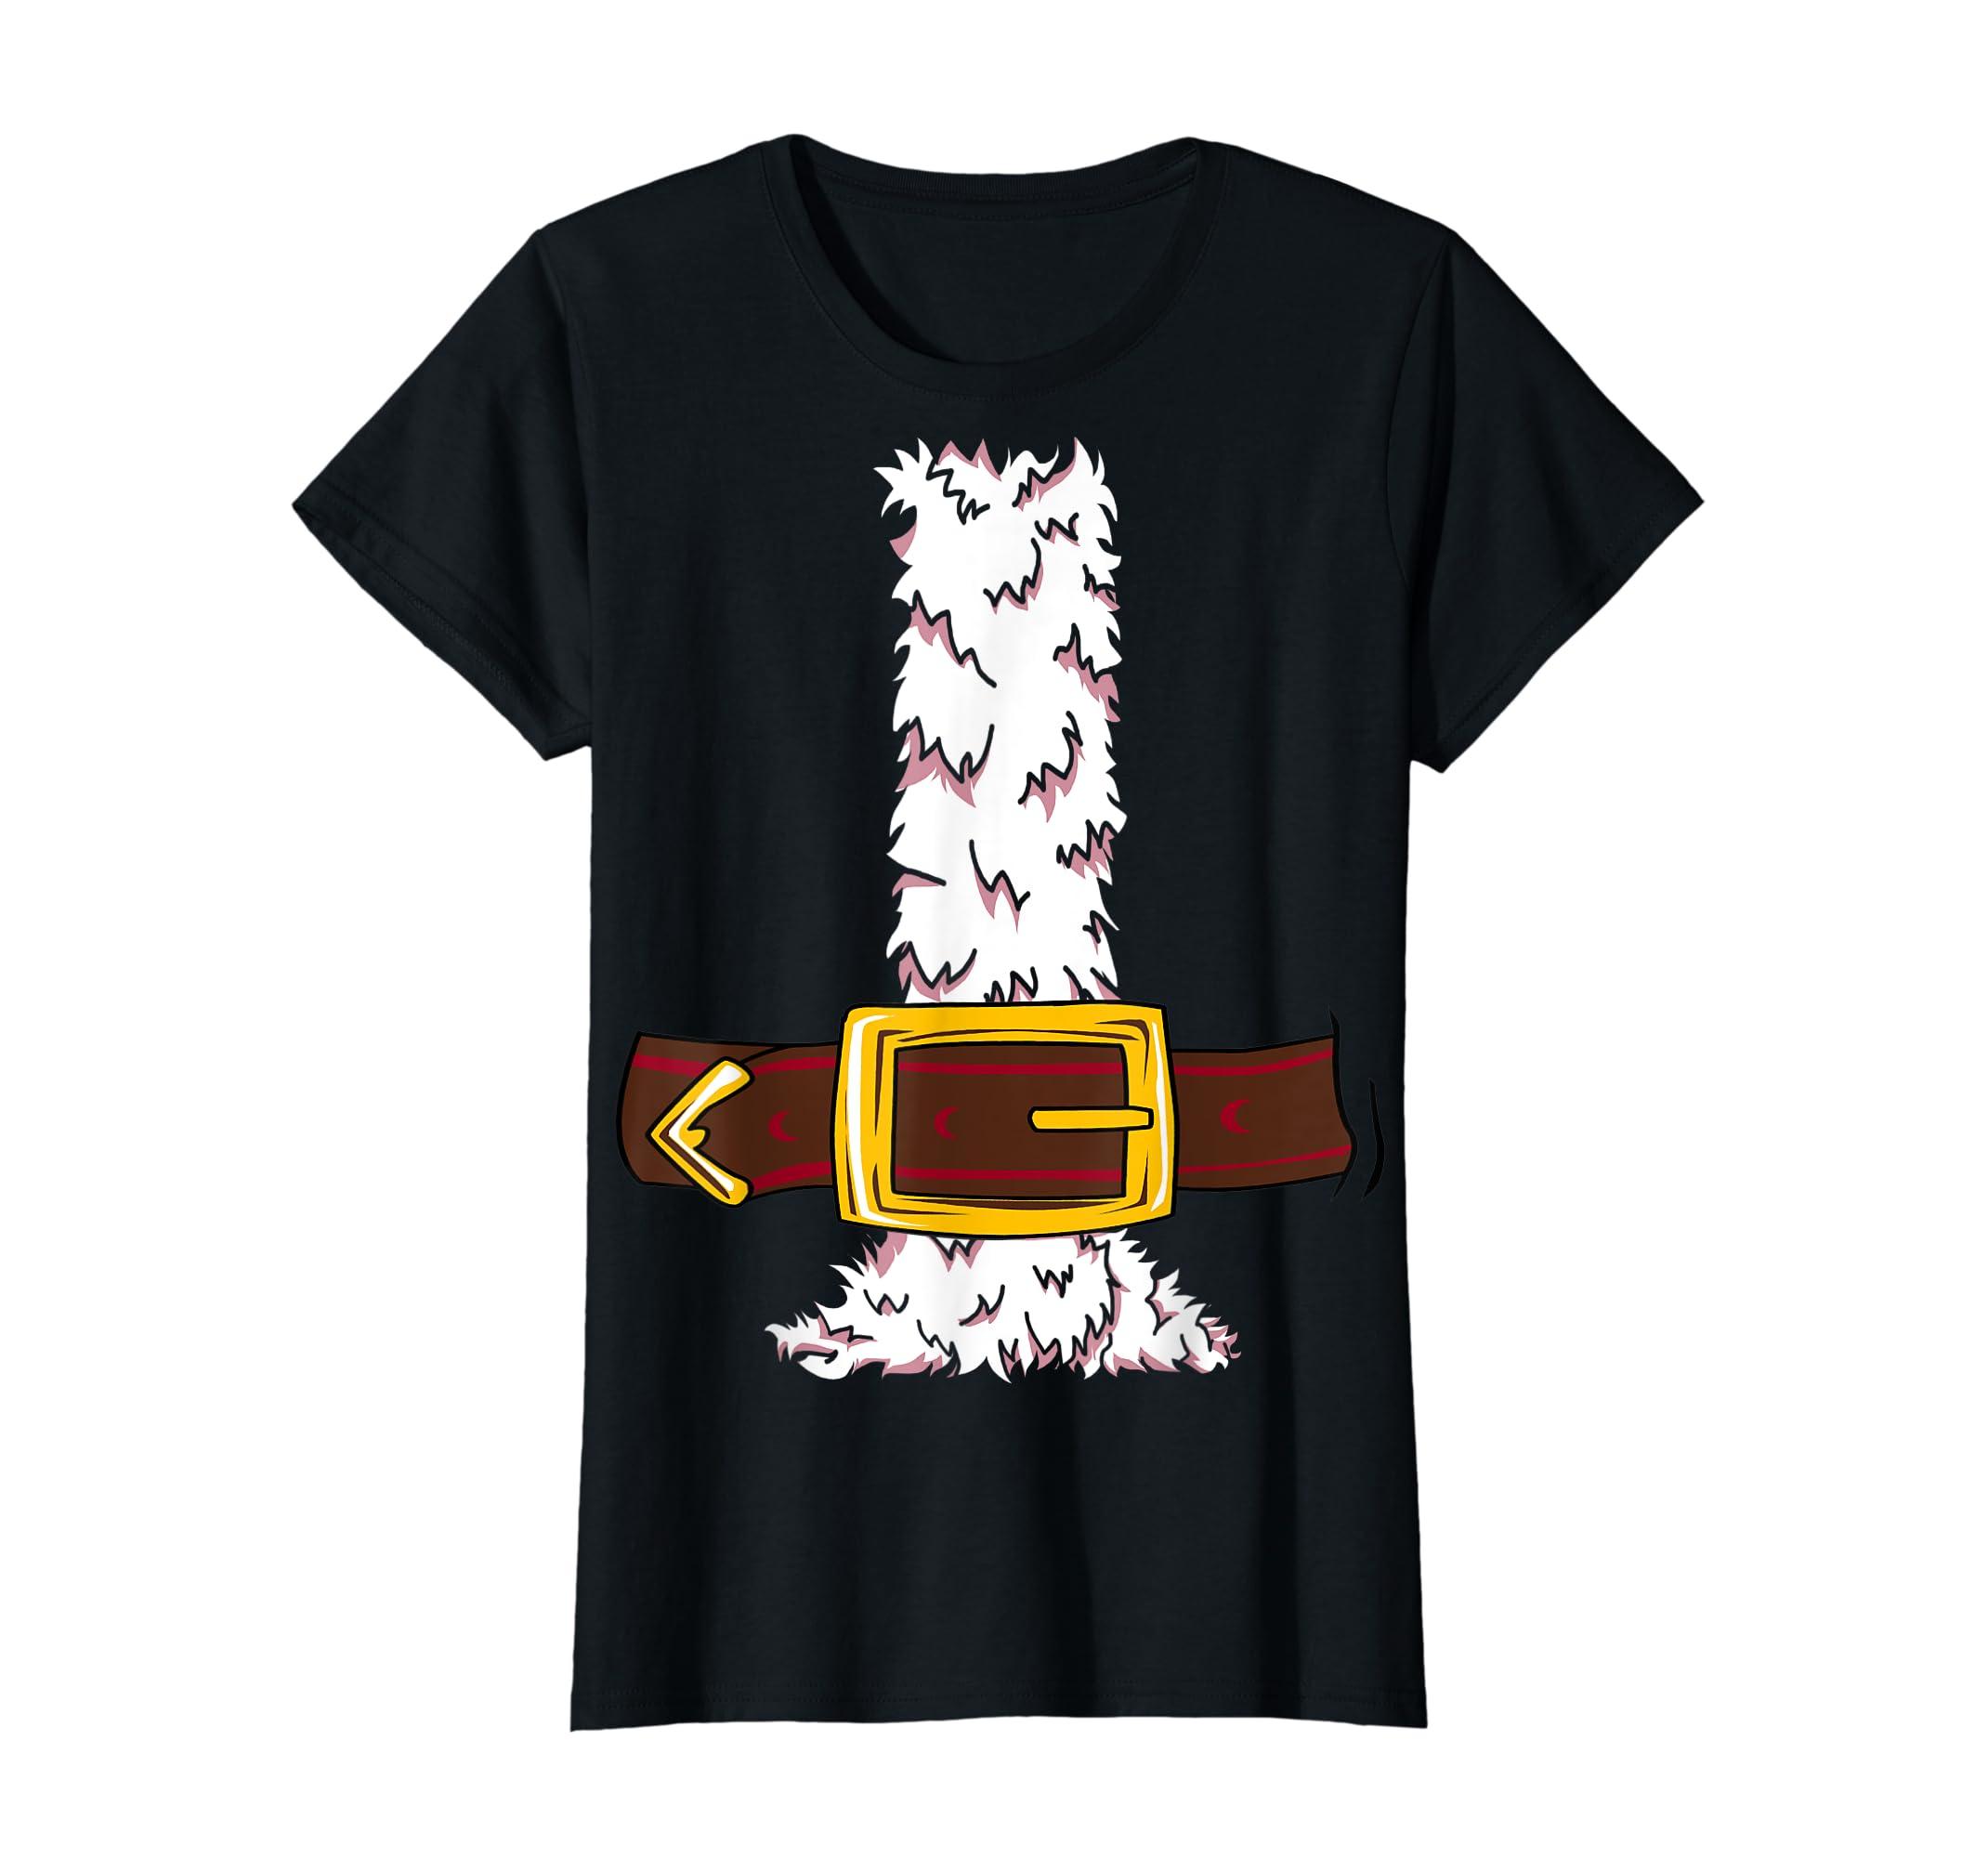 Funny Christmas gift for boys girls men women Santa costume T-Shirt-Women's T-Shirt-Black